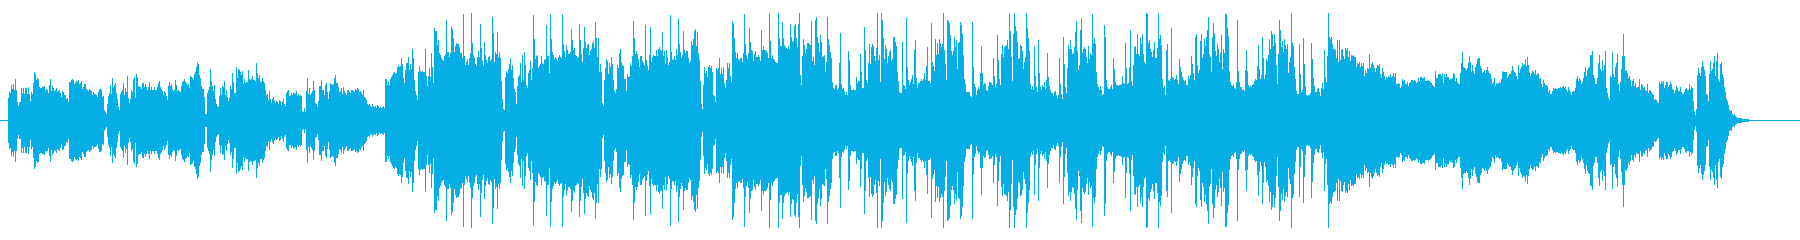 【オーケストラロック】絶望感_恐怖_怒りの再生済みの波形